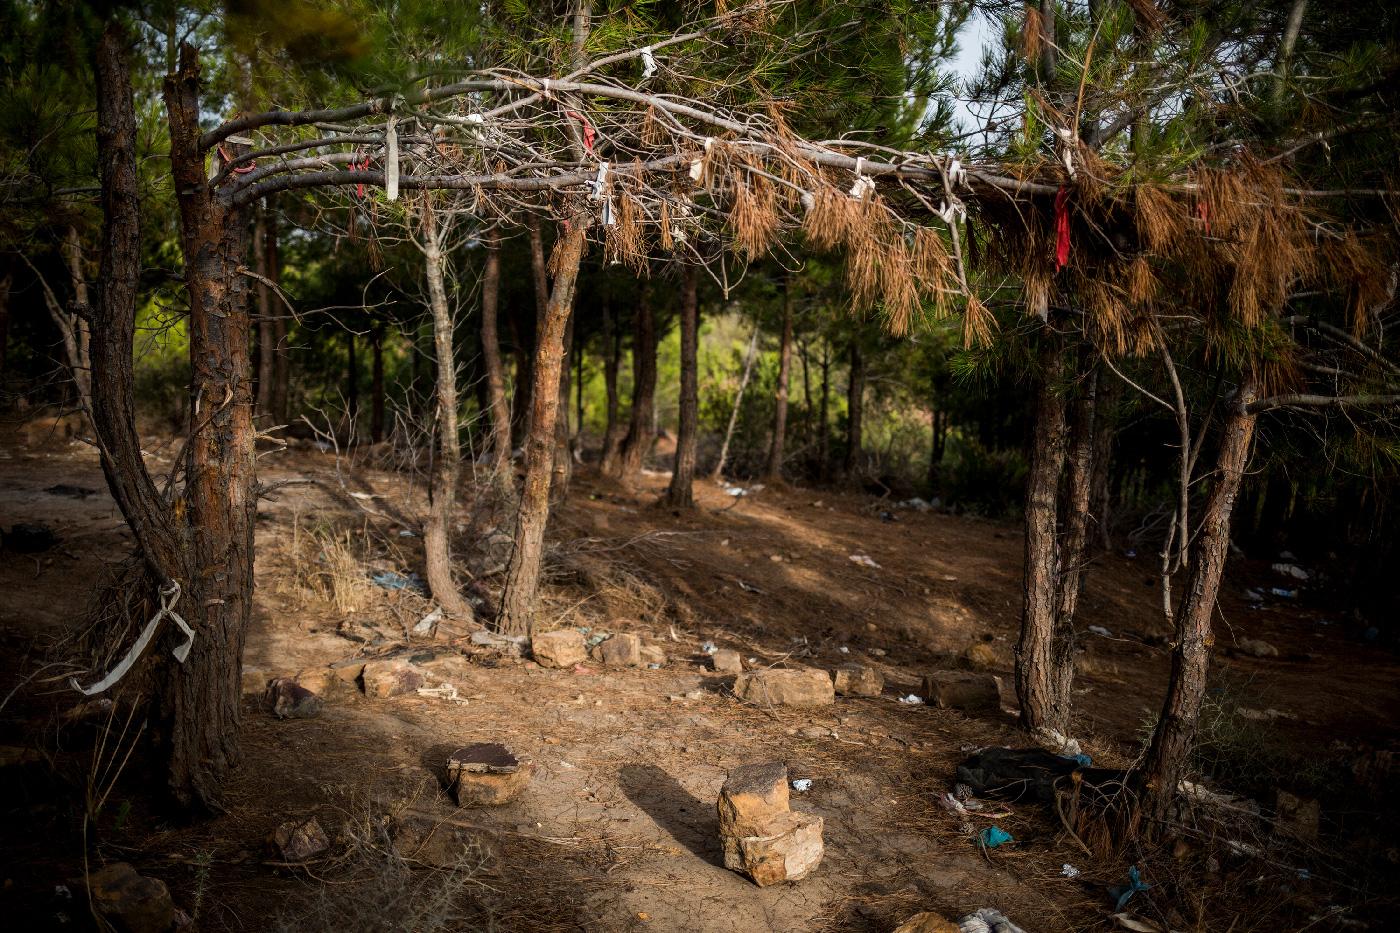 vivienda marruecos